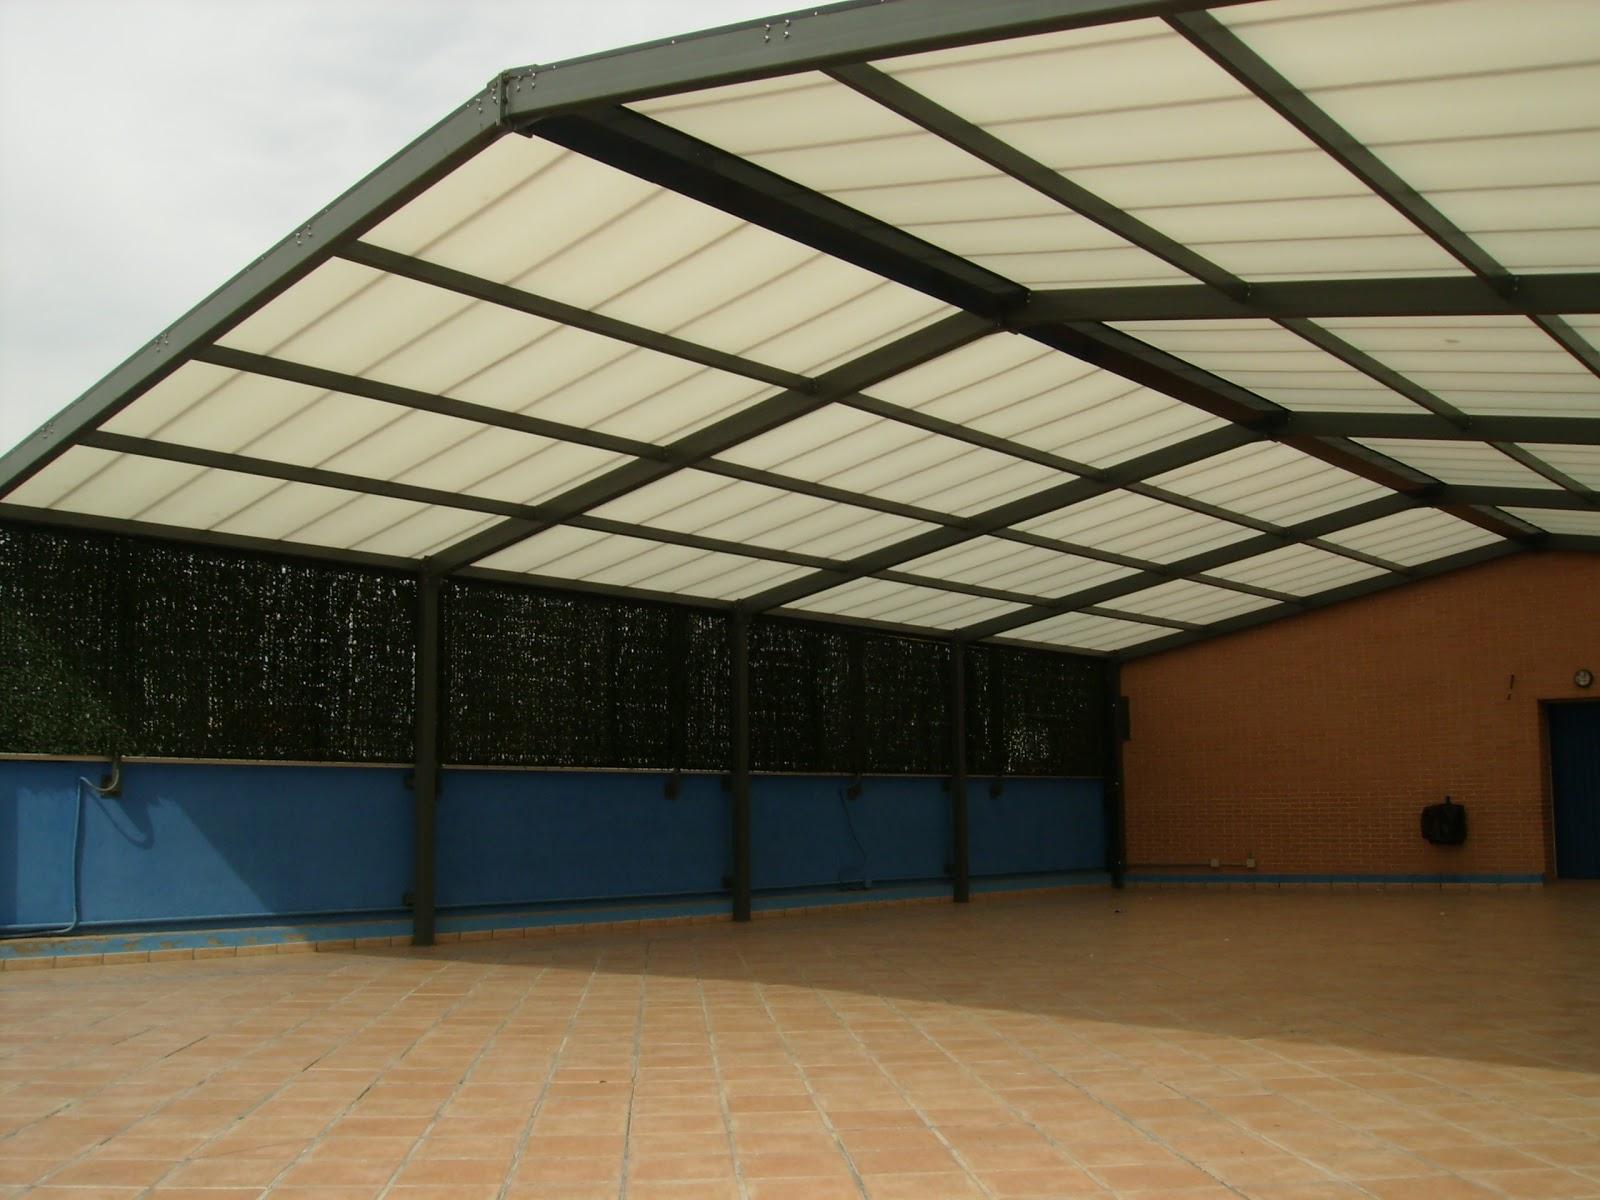 Tejados para garajes techados para polideportivos for Nombres de garajes